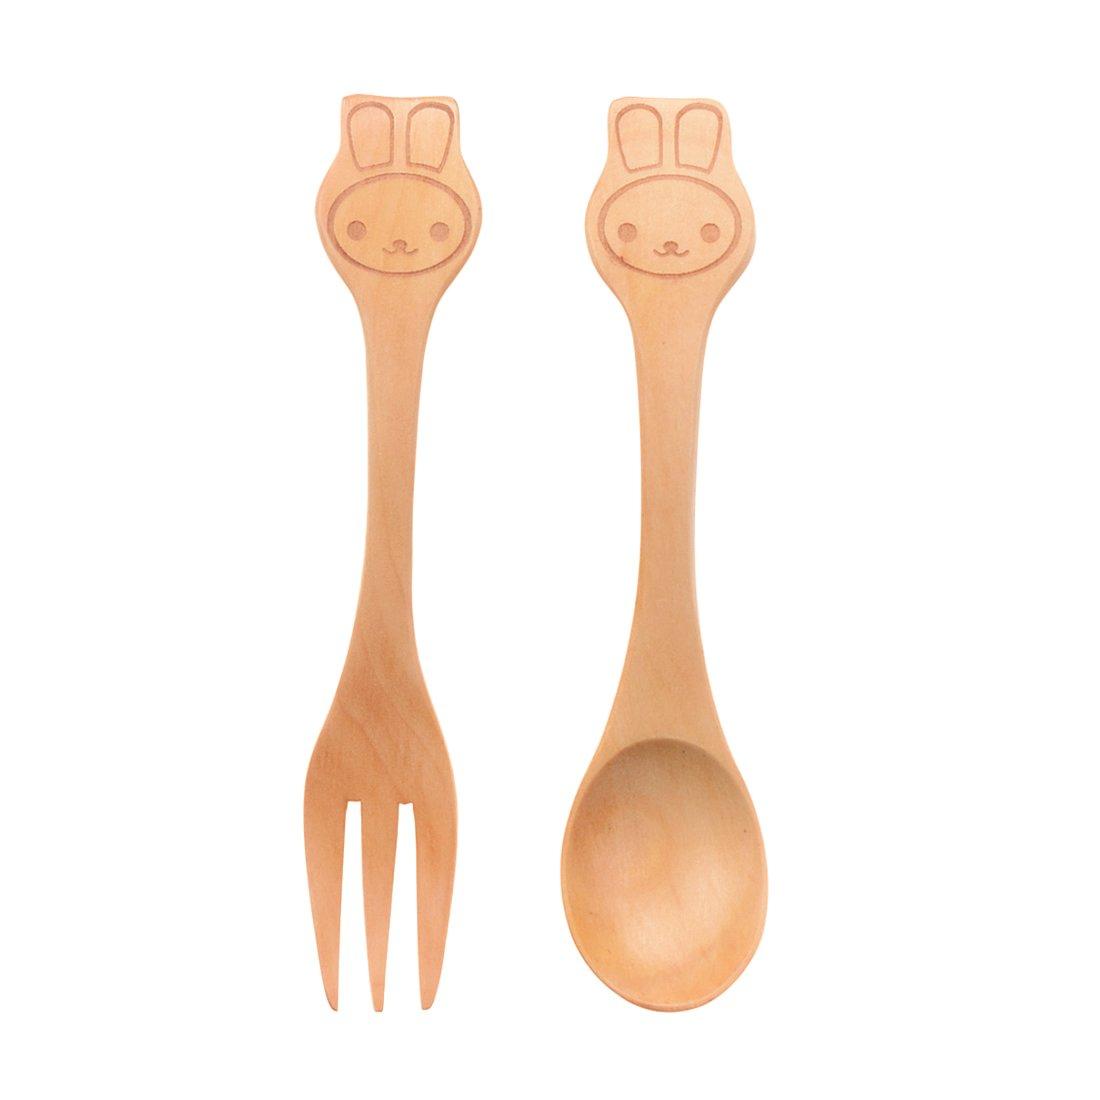 Amazon.com : Daisy Happy Natural Bamboo Baby Feeding Set 3pcs ...